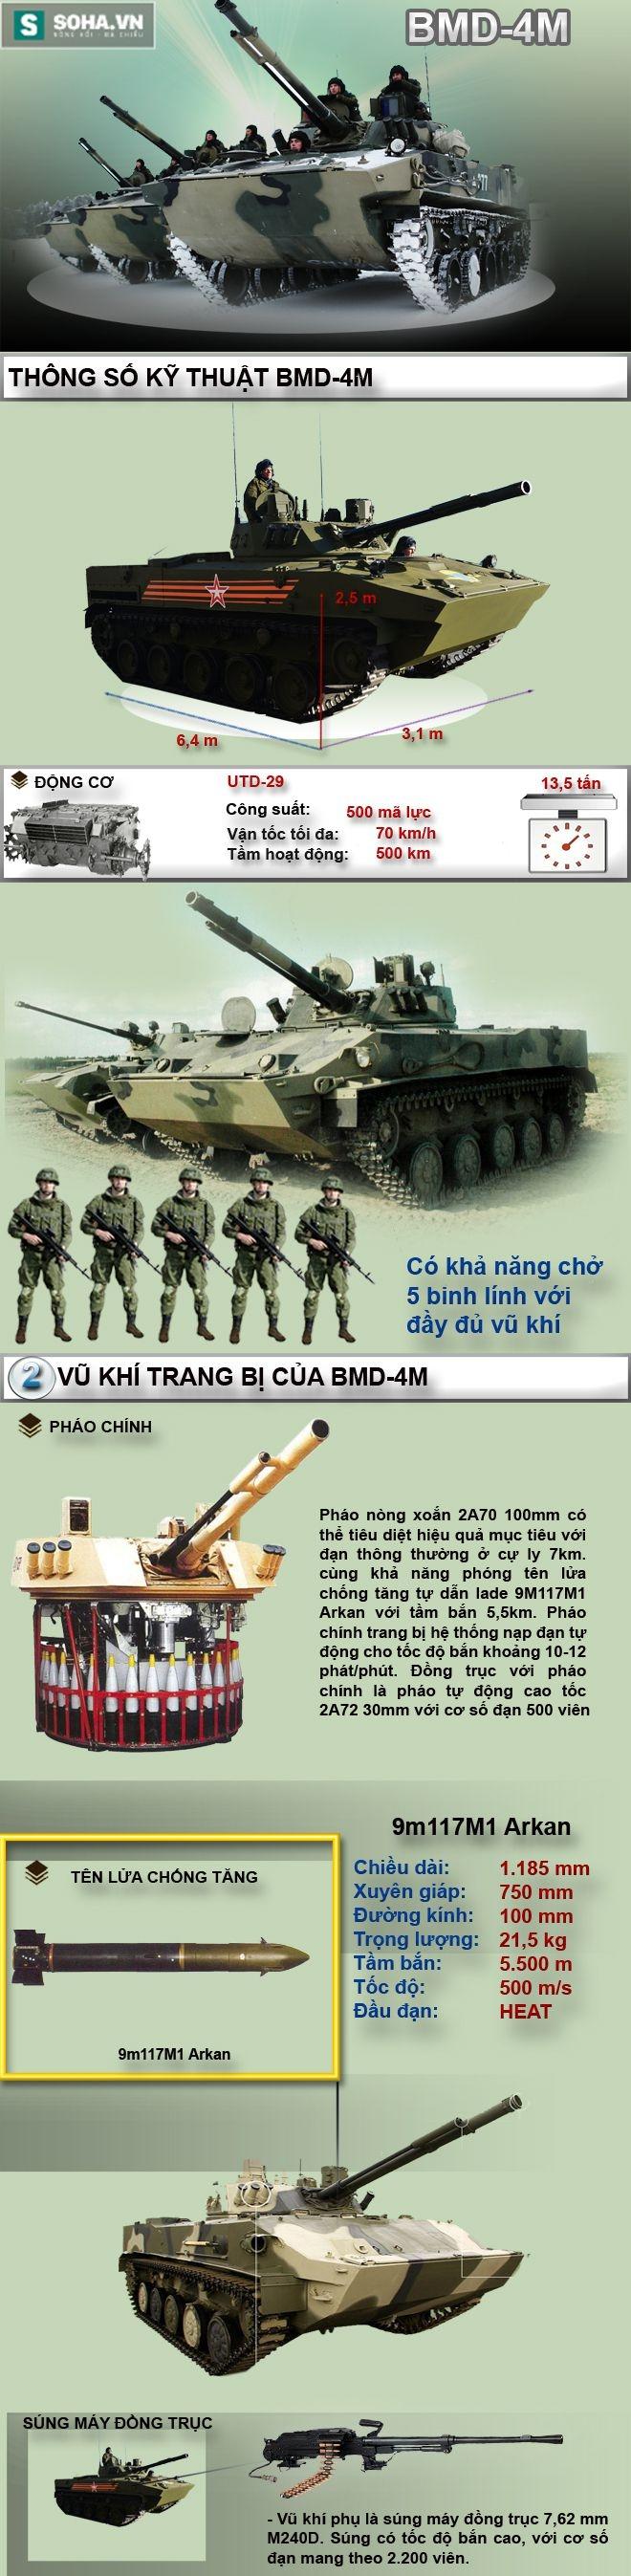 Ứng viên số 1 cho vị trí xe thiết giáp đổ bộ đường không của VN - Ảnh 1.